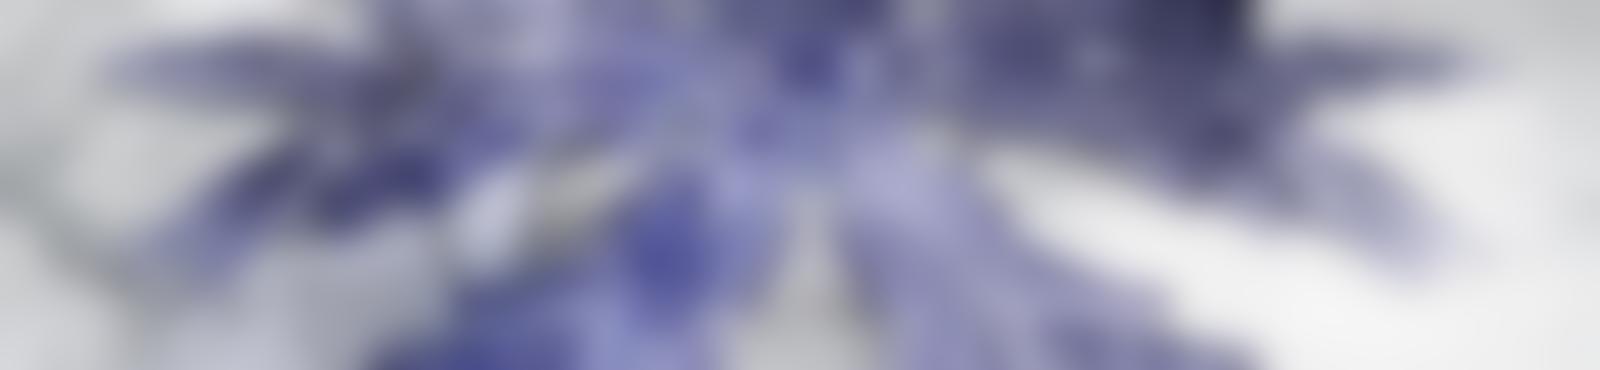 Blurred 68ec65f7 6d72 4a61 a1ad a91f516d59f5